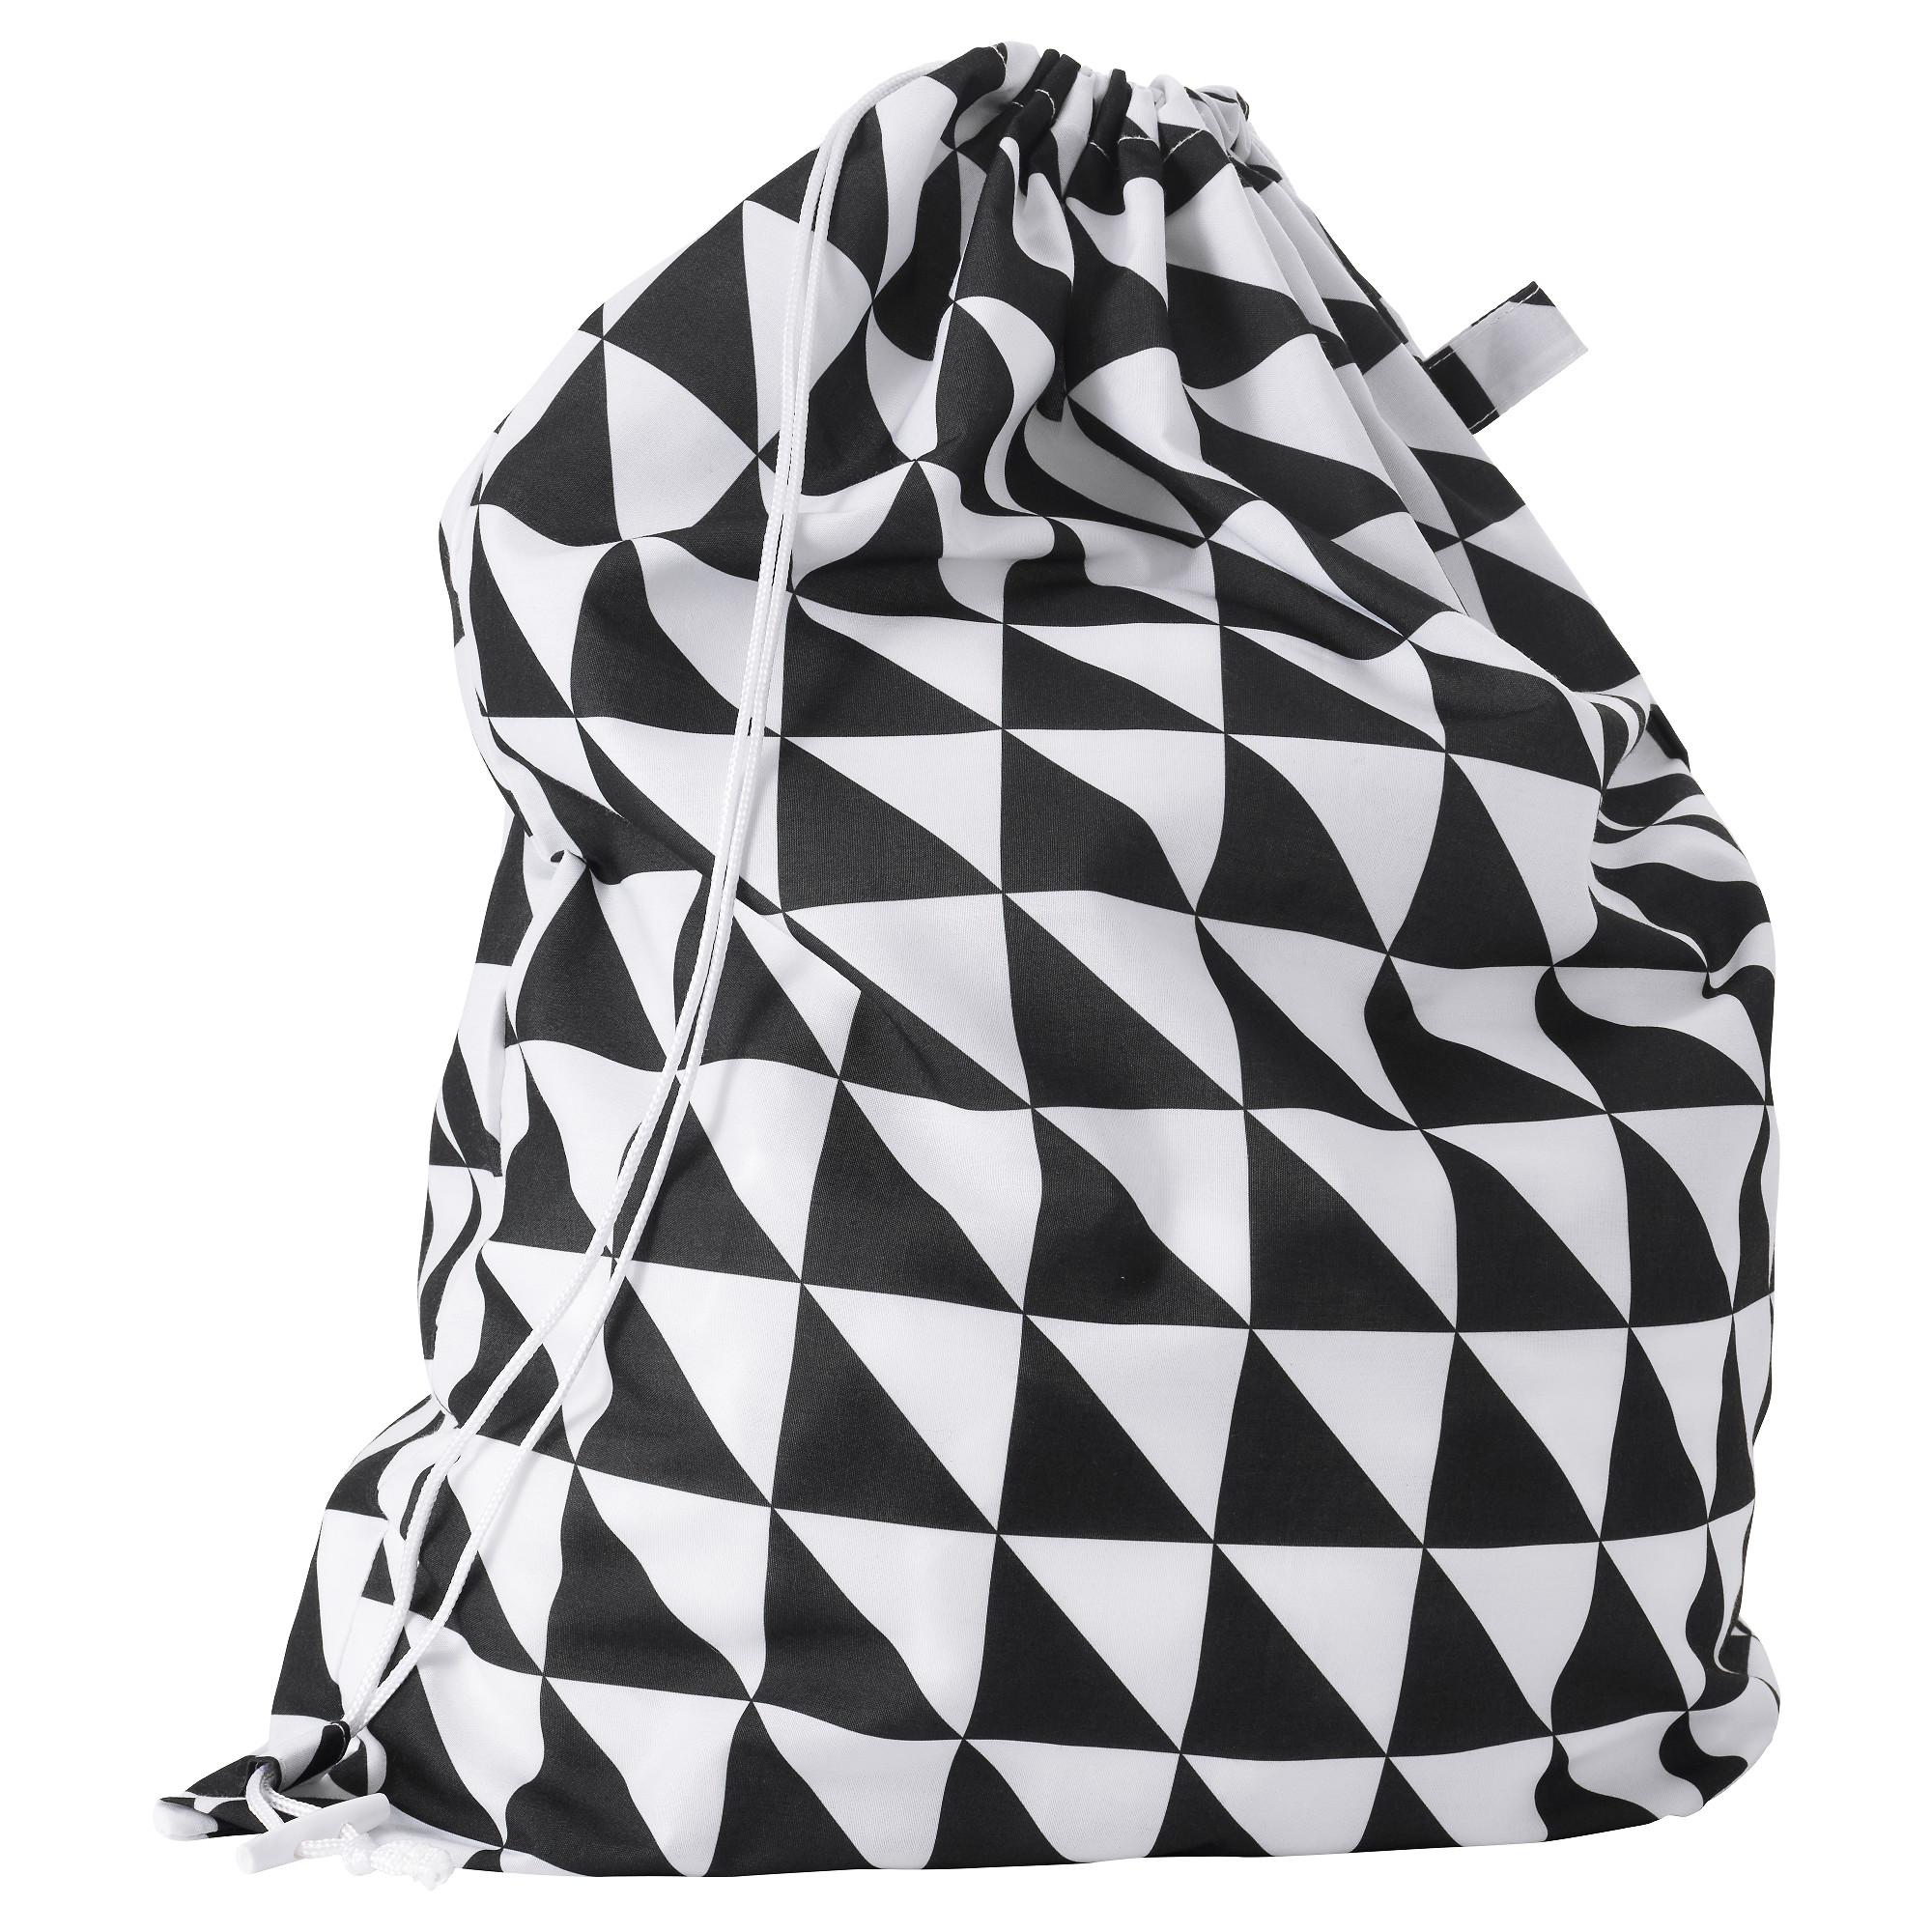 Мешок для белья СНАЙДА черный/белый артикуль № 503.299.43 в наличии. Online сайт IKEA Республика Беларусь. Быстрая доставка и установка.